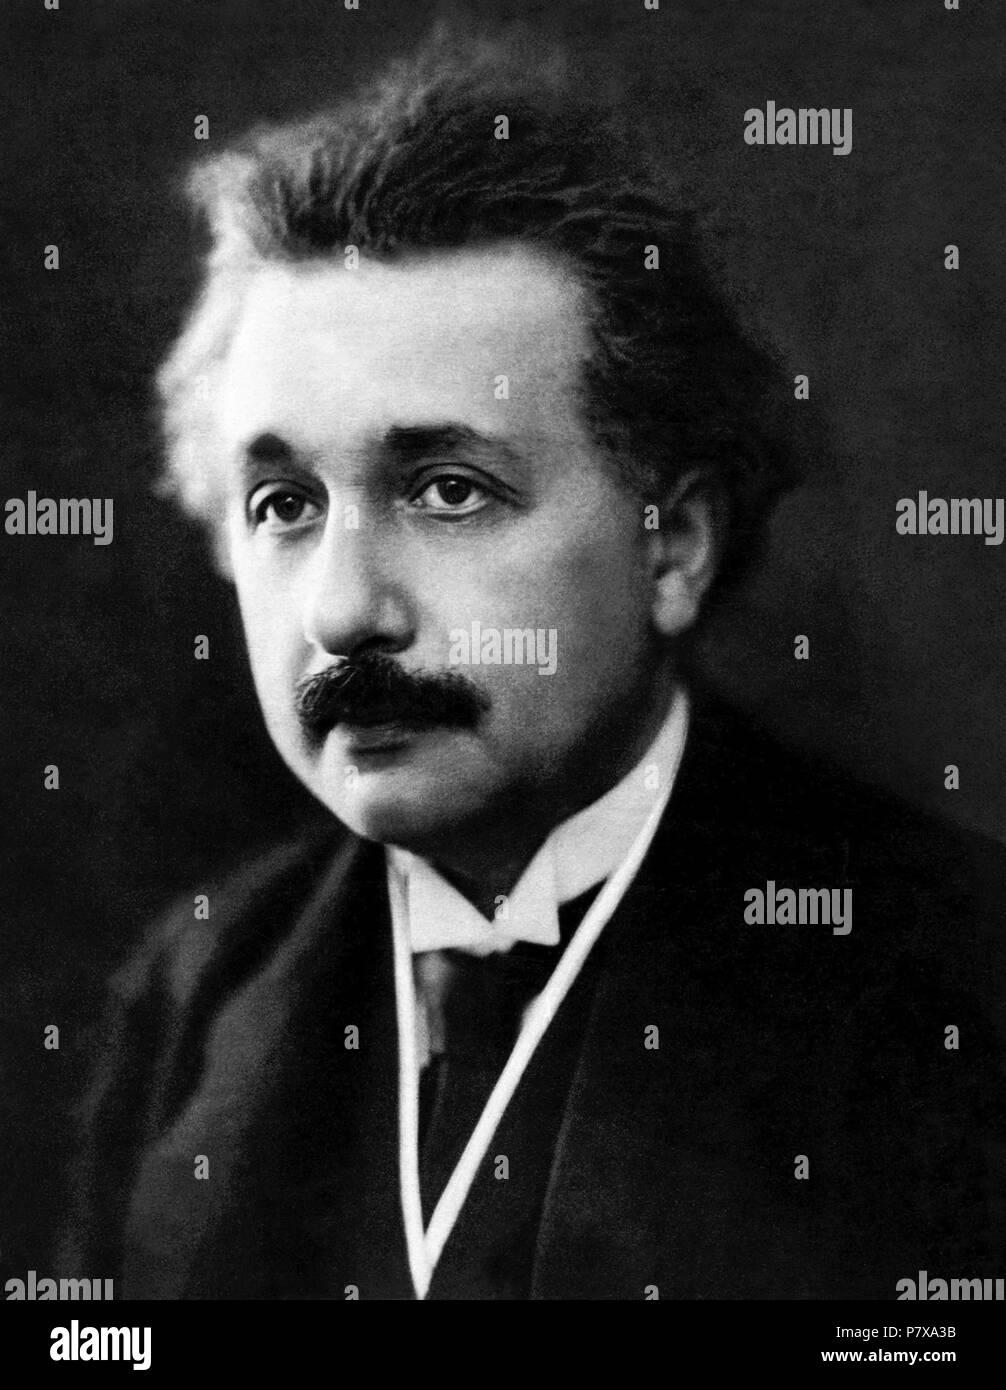 Albert Einstein Portrait von Henri Manuel (wahrscheinlich ab 30. März 1922 in Paris, Frankreich). Einstein erhielt den Nobelpreis für Physik im Jahr 1921. Stockfoto